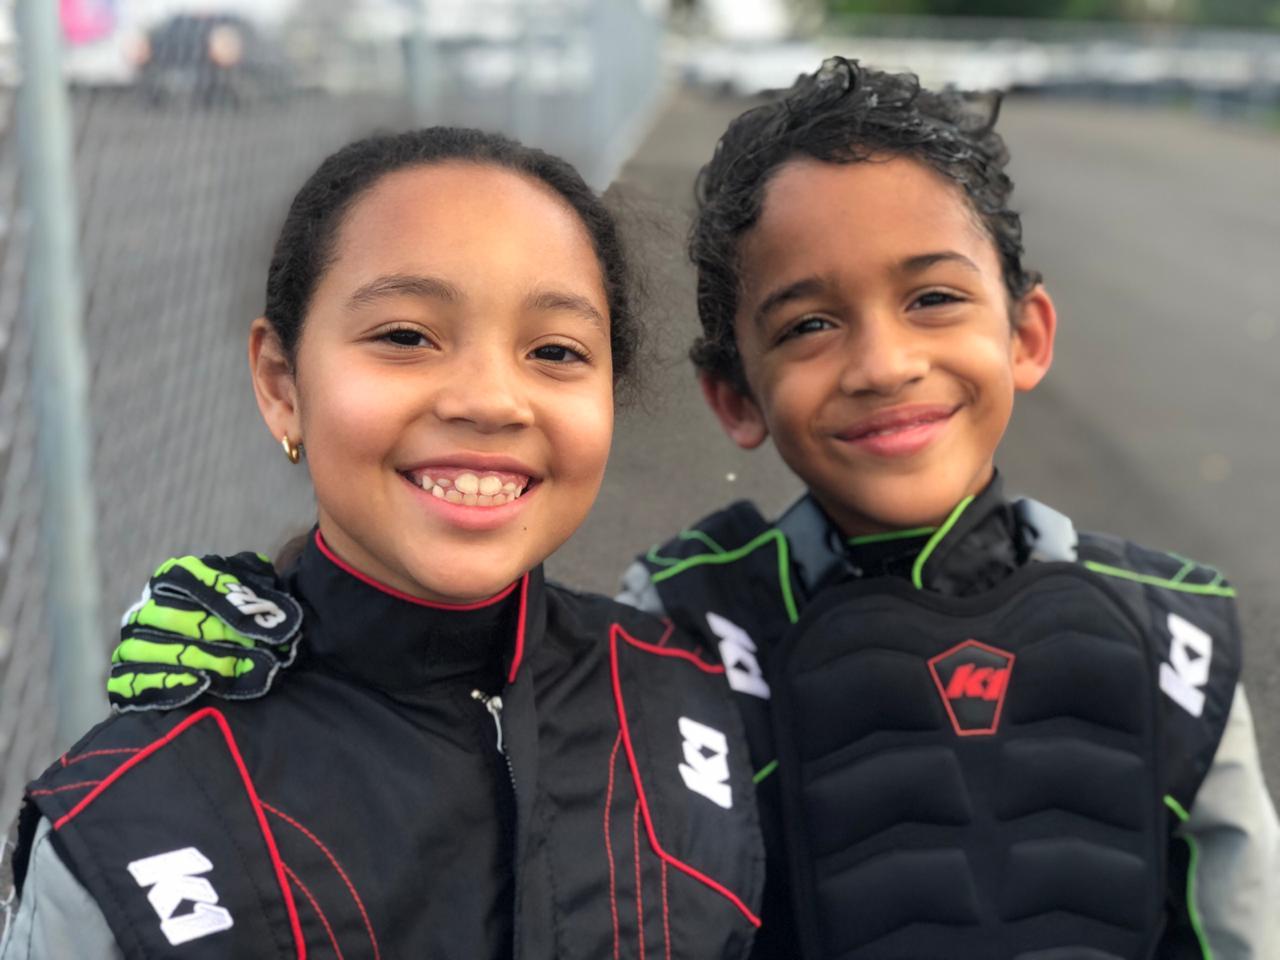 Hermanos Bonnet listos para Primera Puntuable del Campeonato de Kartismo